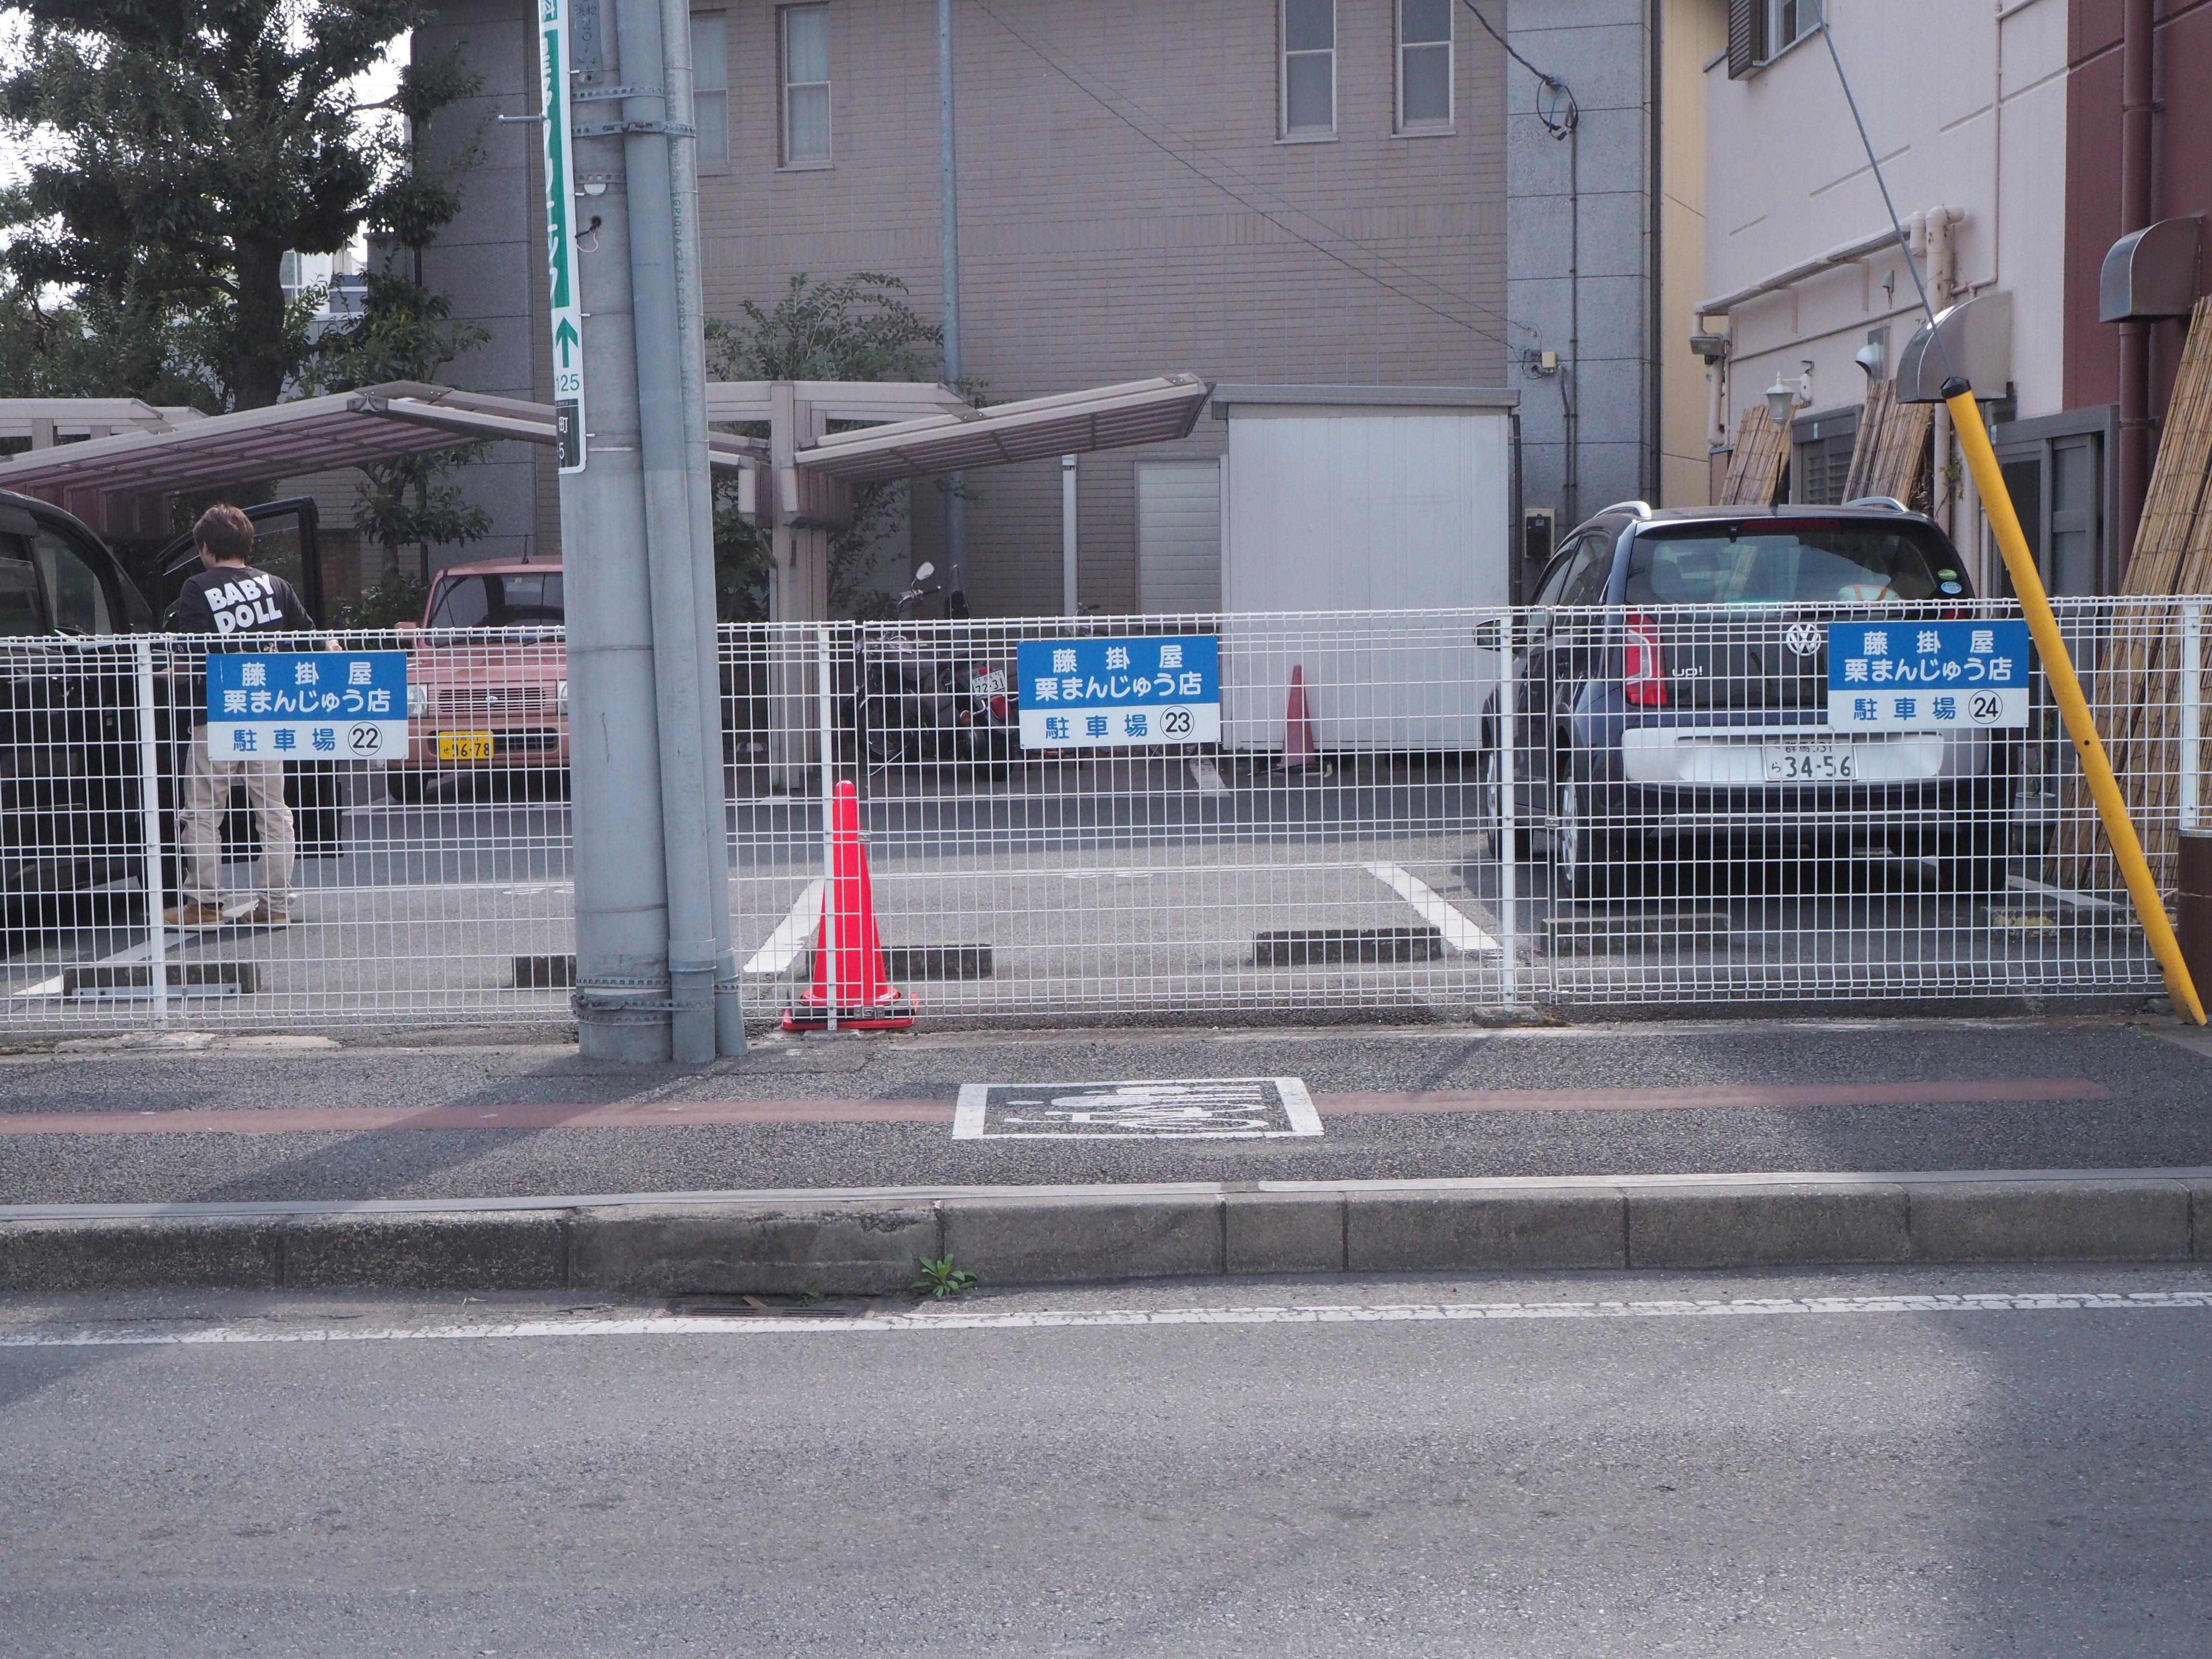 藤掛屋 駐車場